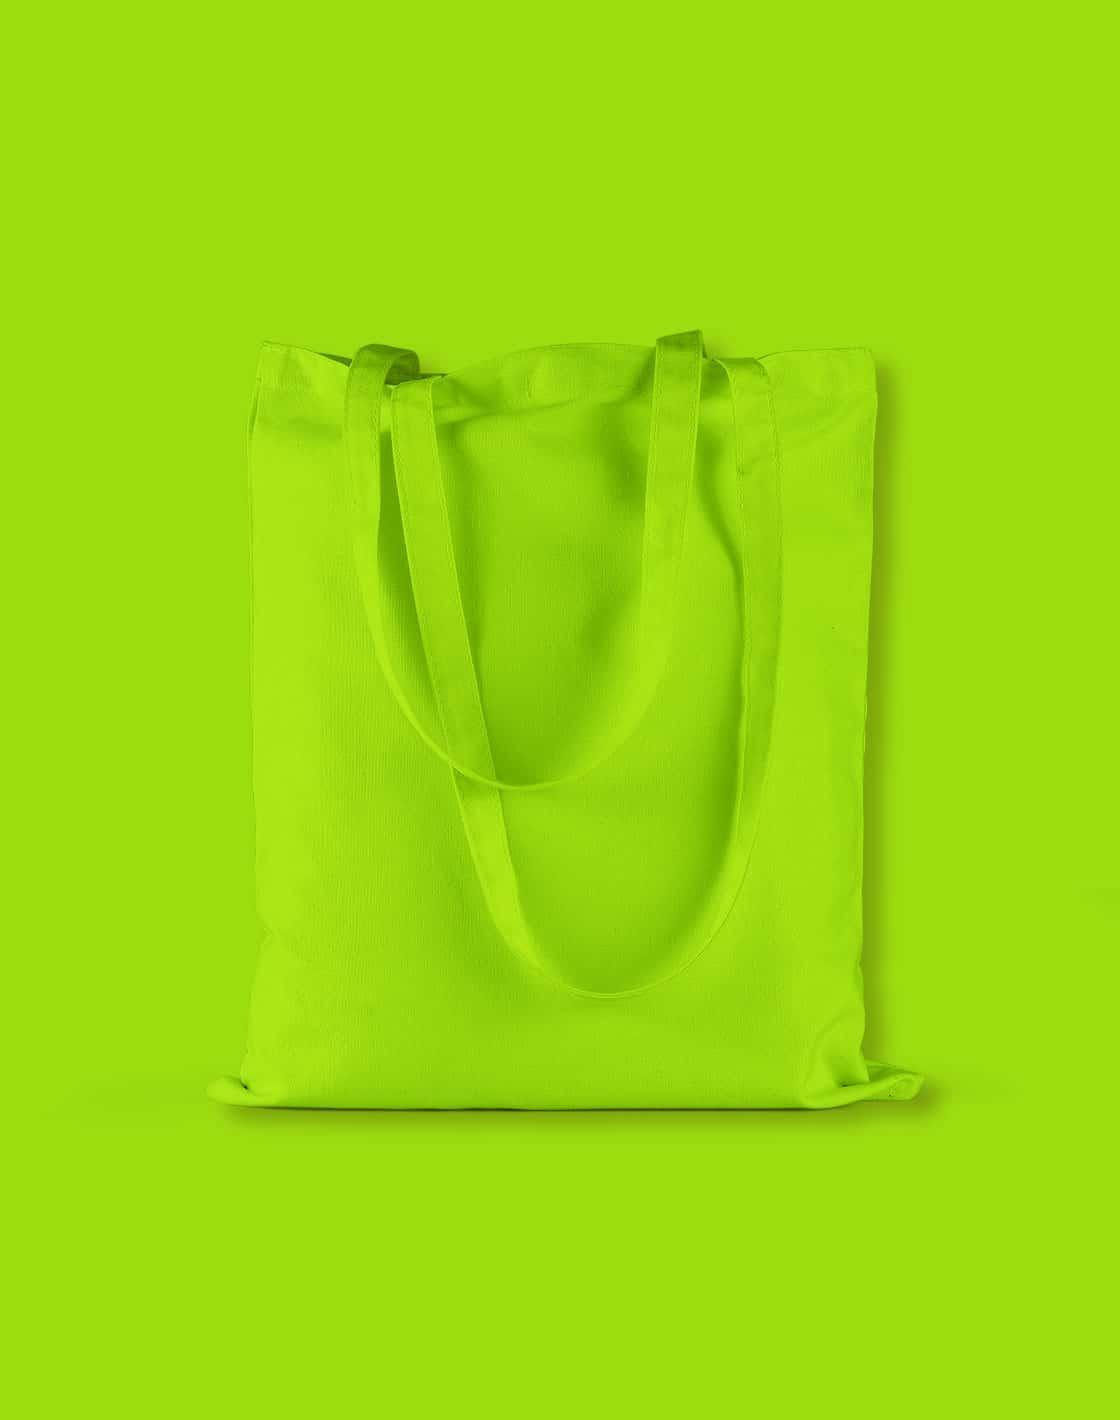 baumwolltaschen bunt lime green lange henkel 38x42cm